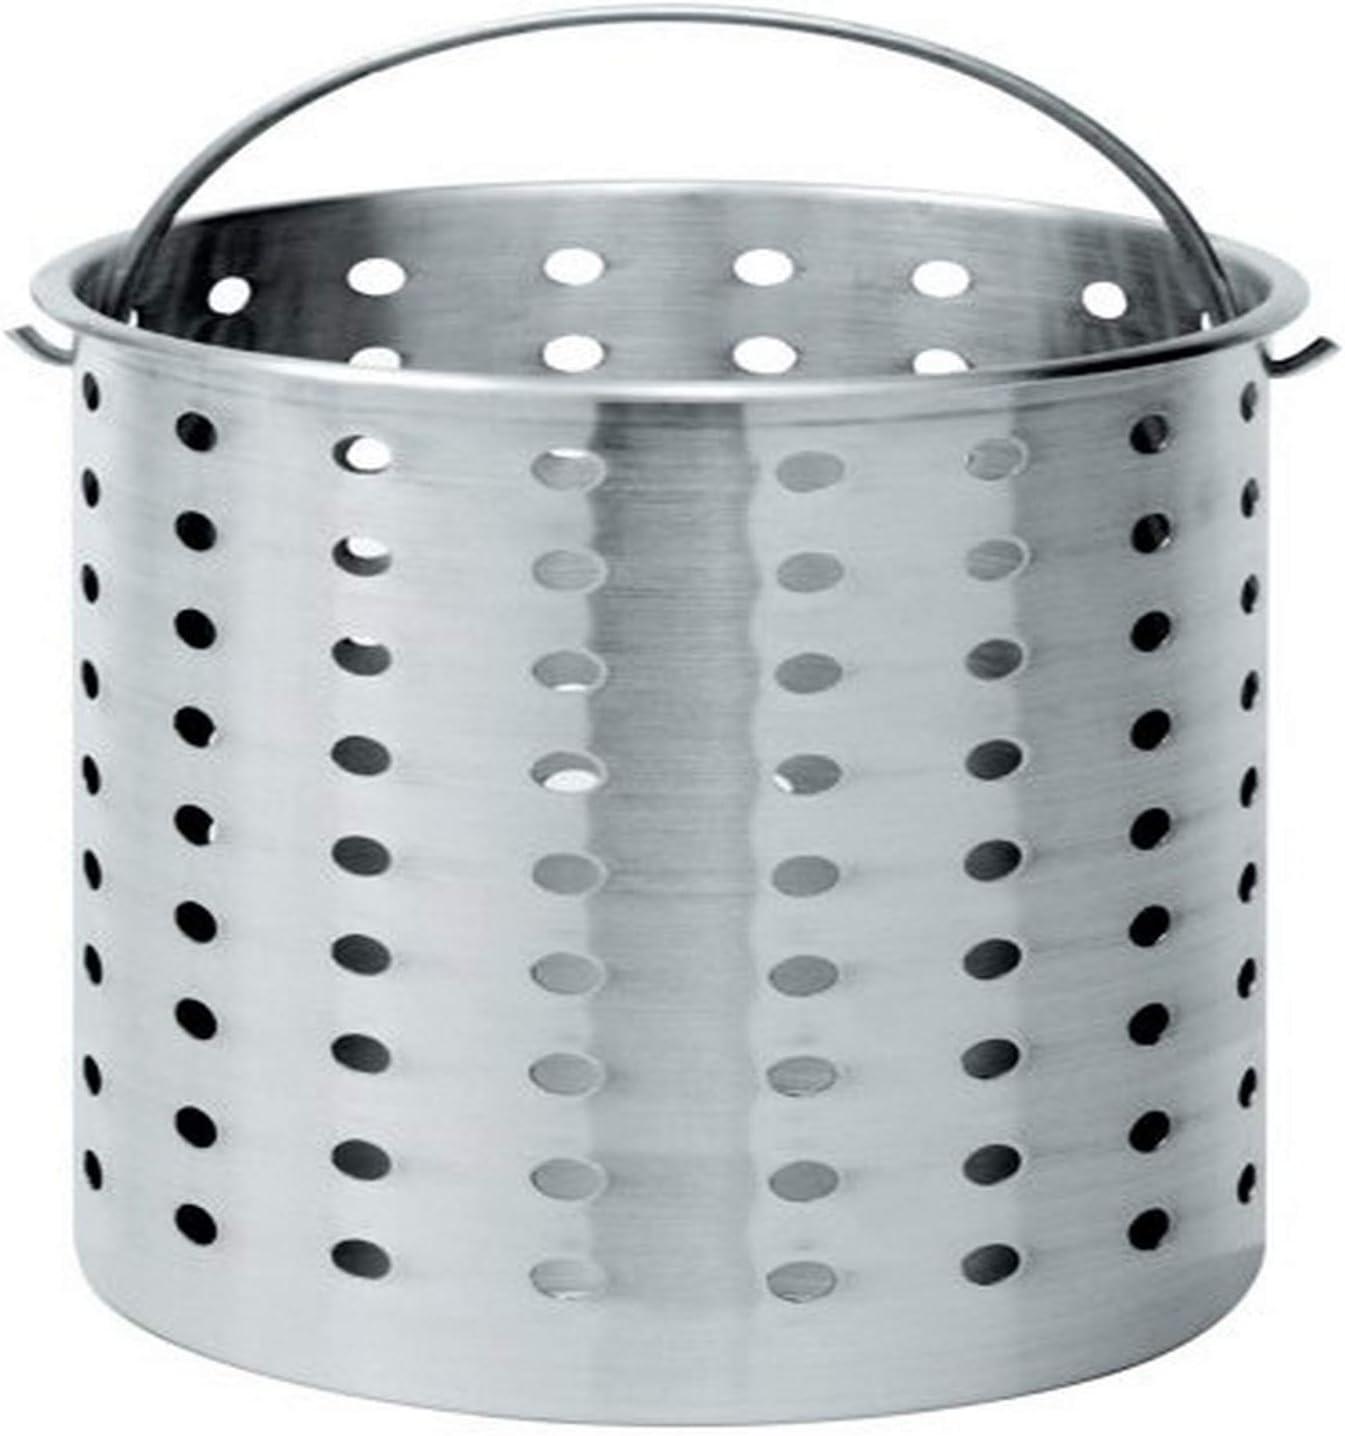 B000VXIR4C Bayou Classic B800, 80-Qt. Perforated Basket, aluminum 61jZvNtrL1L